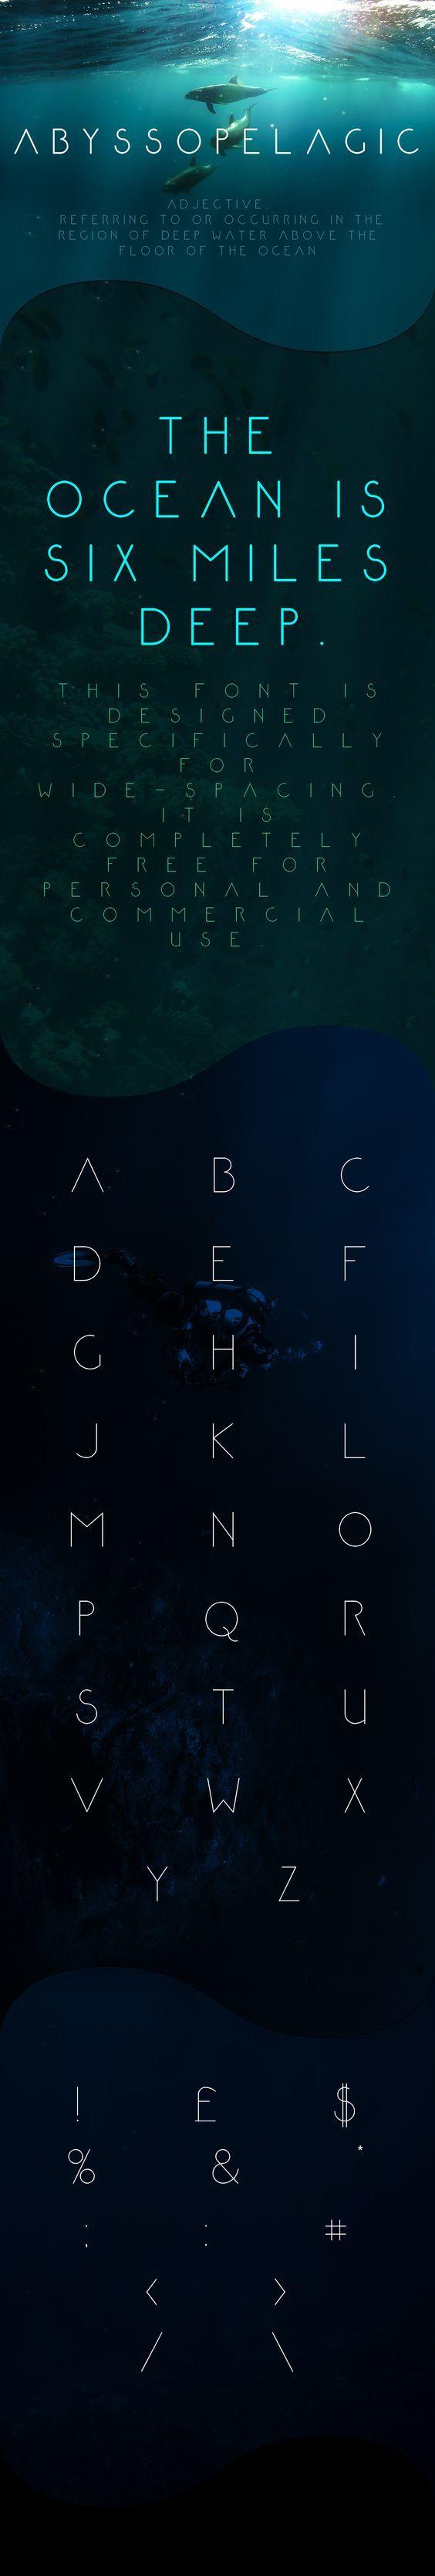 Les typographies gratuites qui ont marqué le mois d'avril 2016